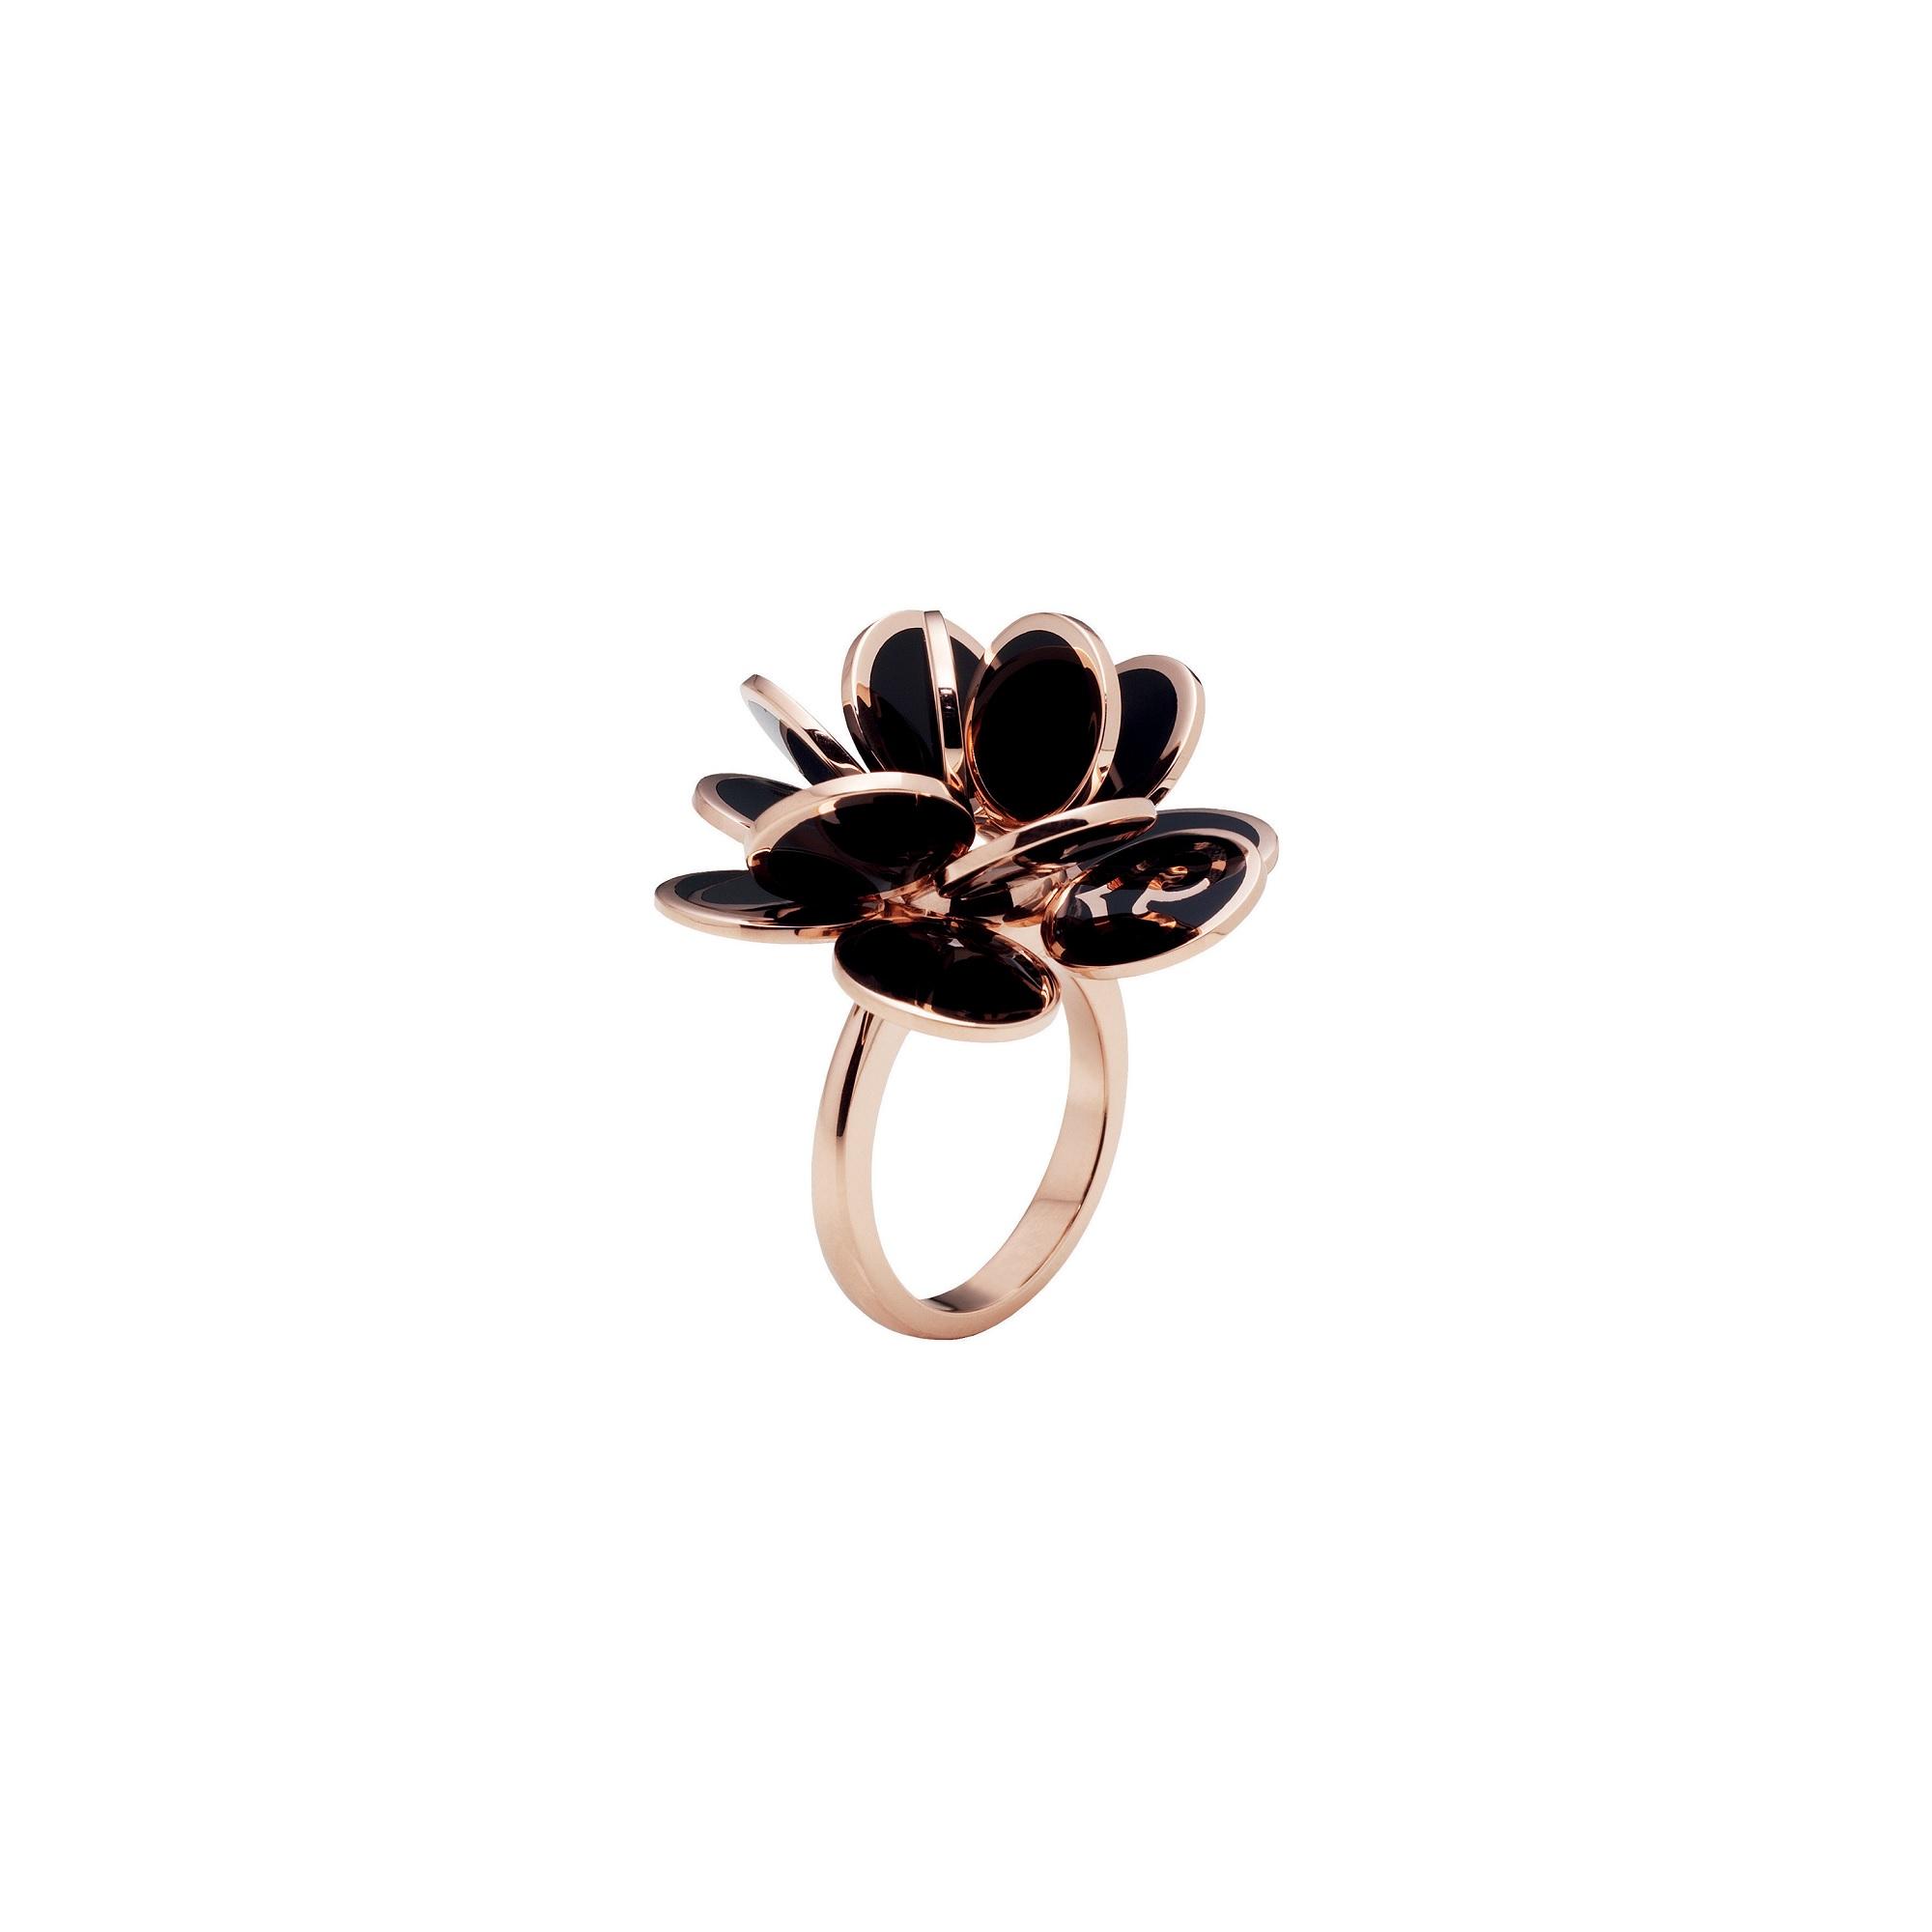 Chantecler Paillettes Ring aus Roségold mit schwarzem Emaille